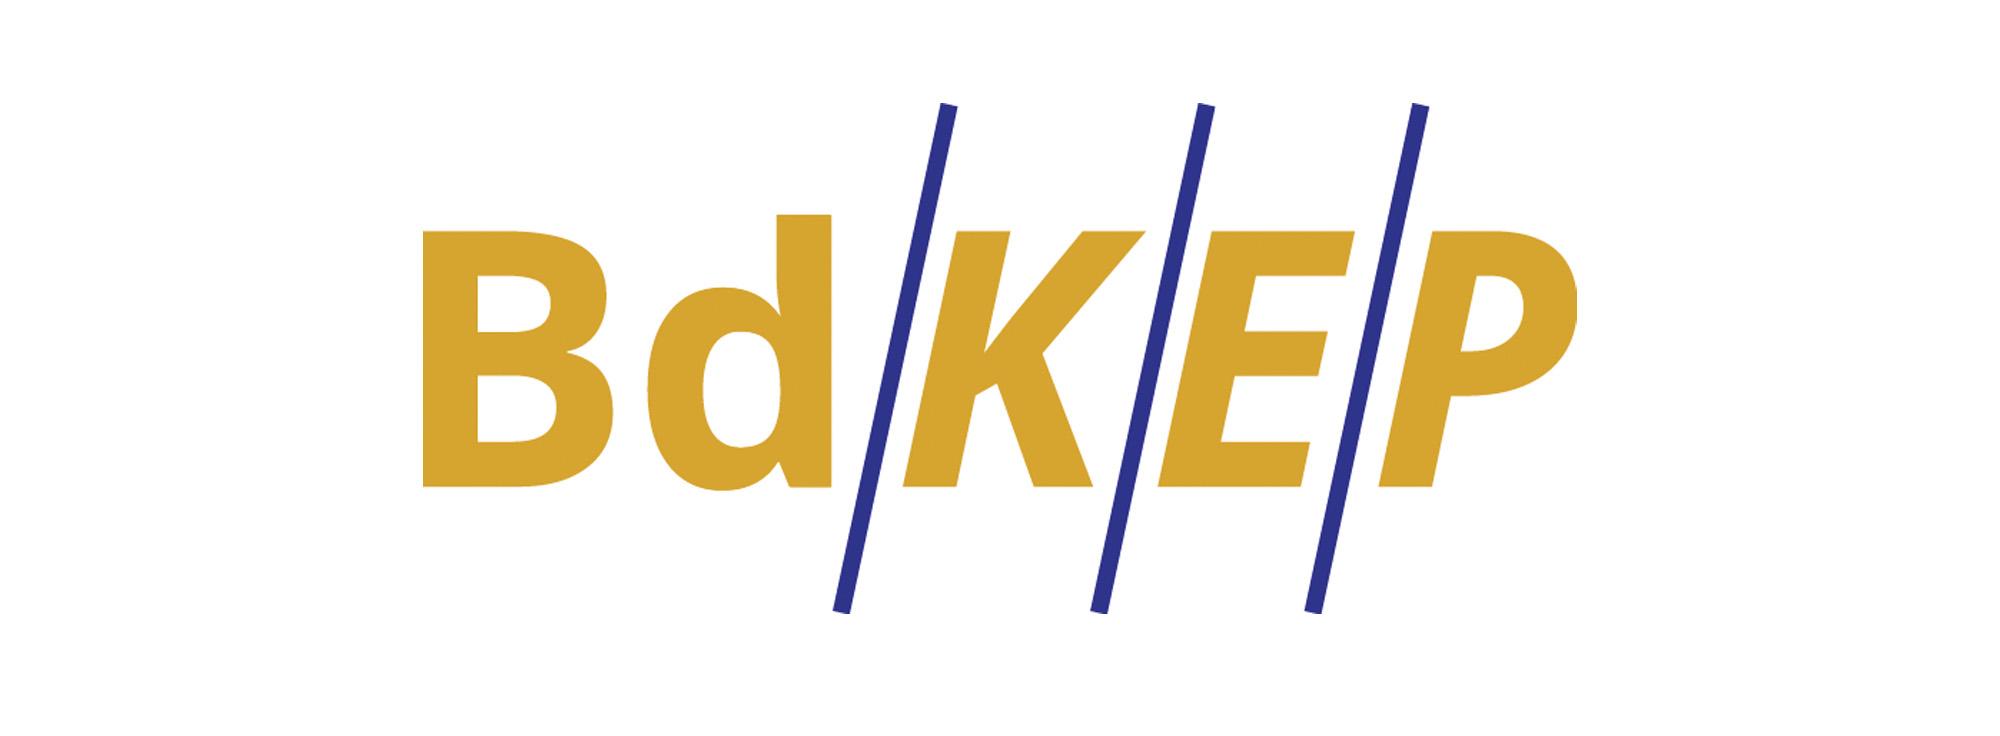 BdKEP Bundesverband der Kurier-Express-Post-Dienste e. V.